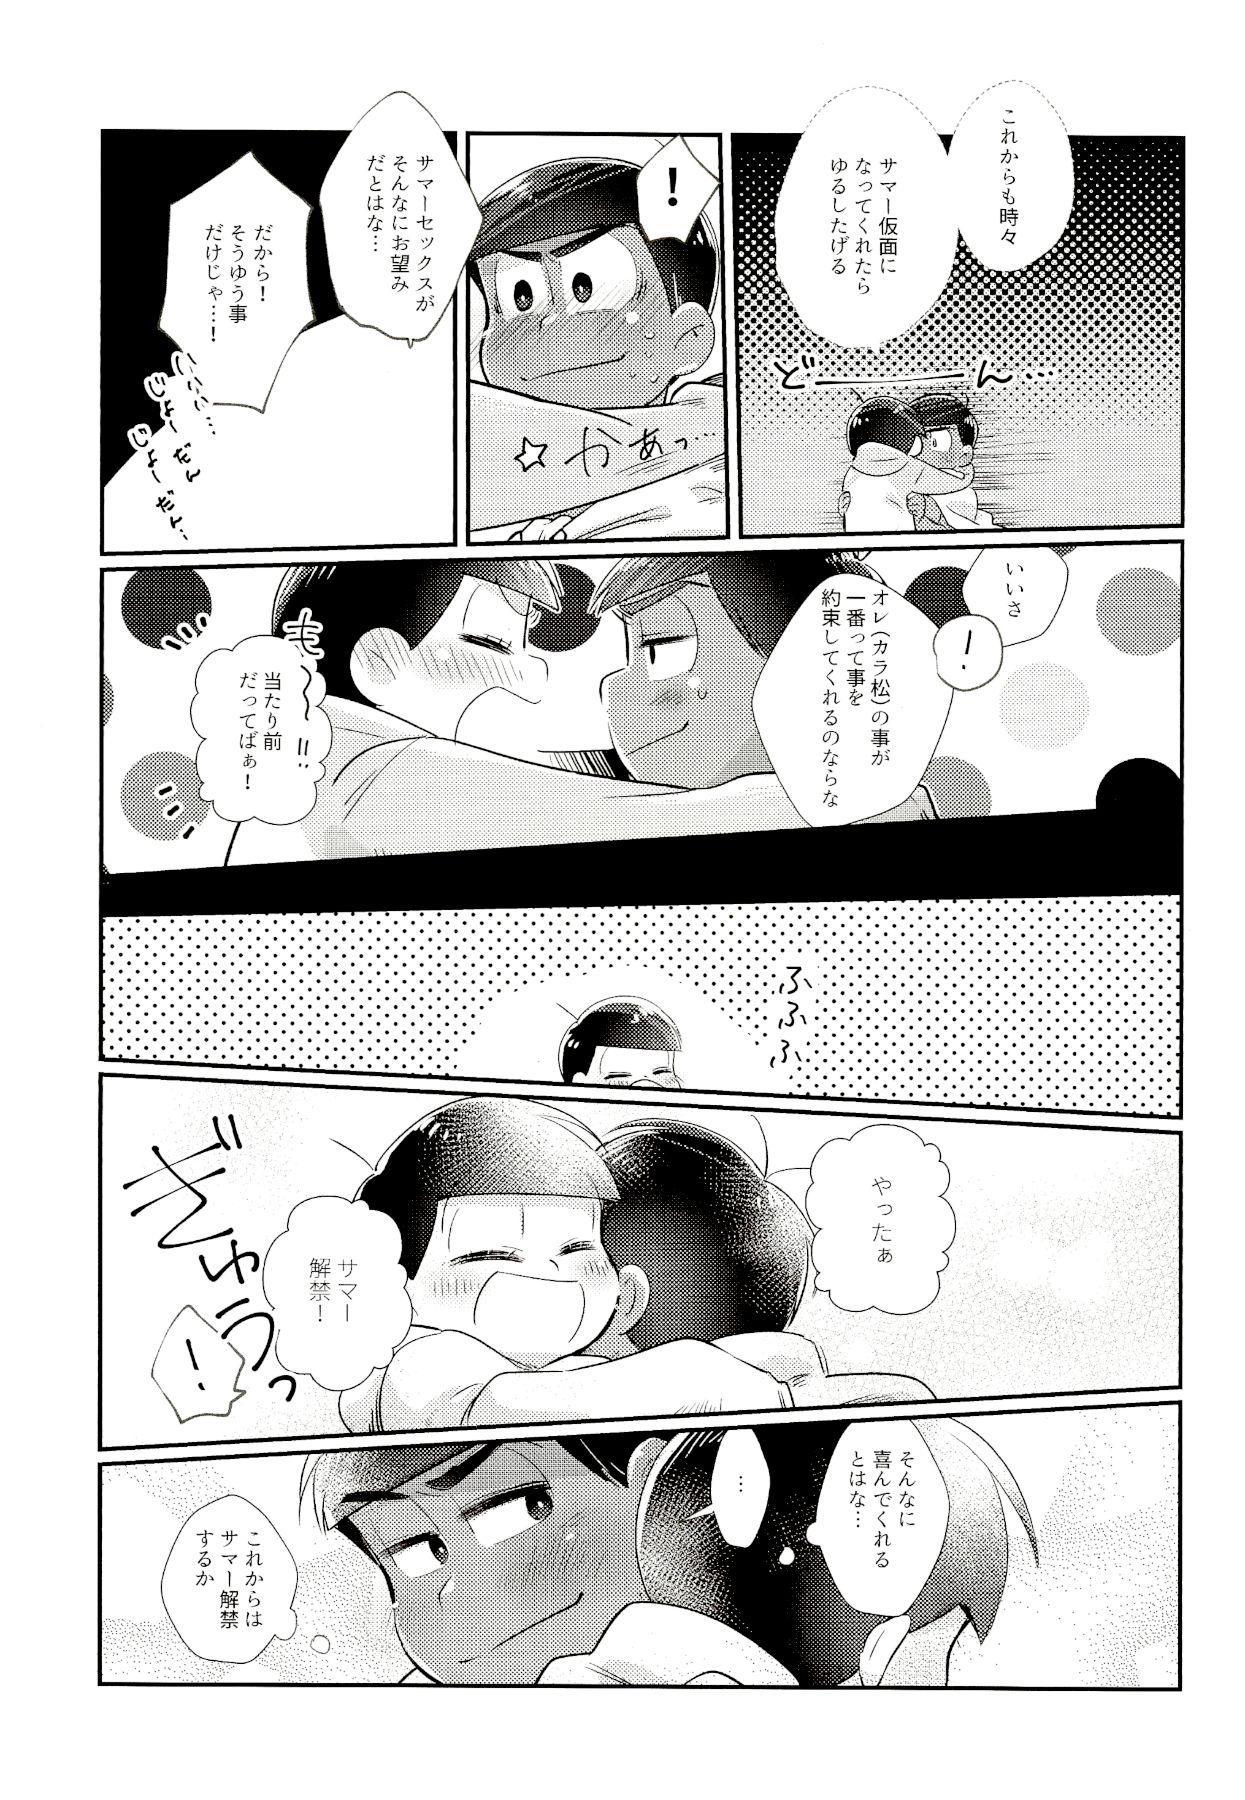 My Riru Juushimatsu ga Summer Kamen to xx Shitaidato!? 25